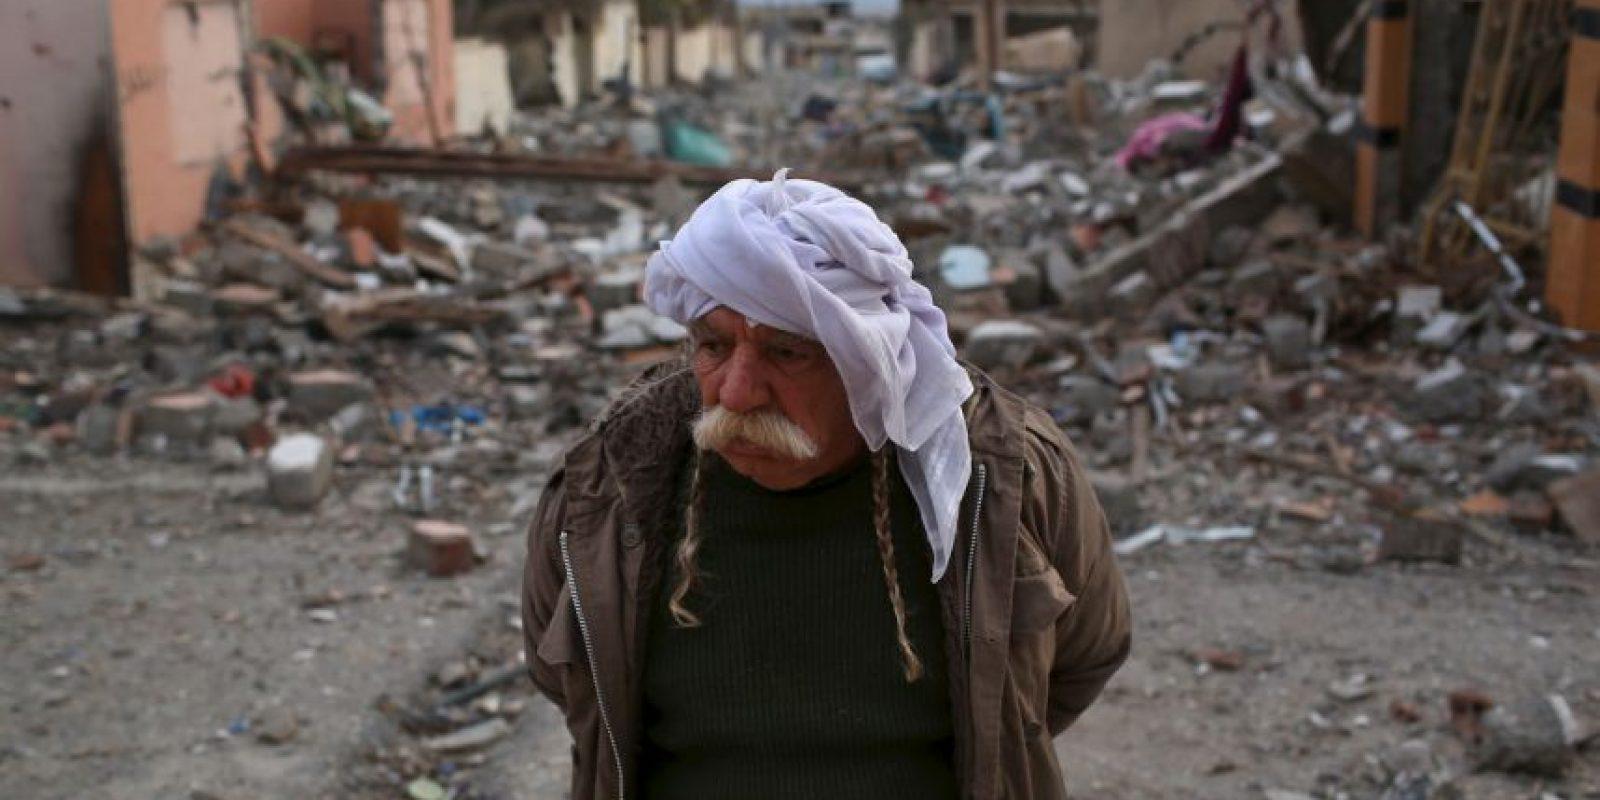 Estado Islámico atrajo la atención mundial después de que se difundiera en redes sociales y en los principales medios de comunicación del planeta la decapitación del periodista estadounidense James Foley, en agosto de 2014. Foto:Getty Images